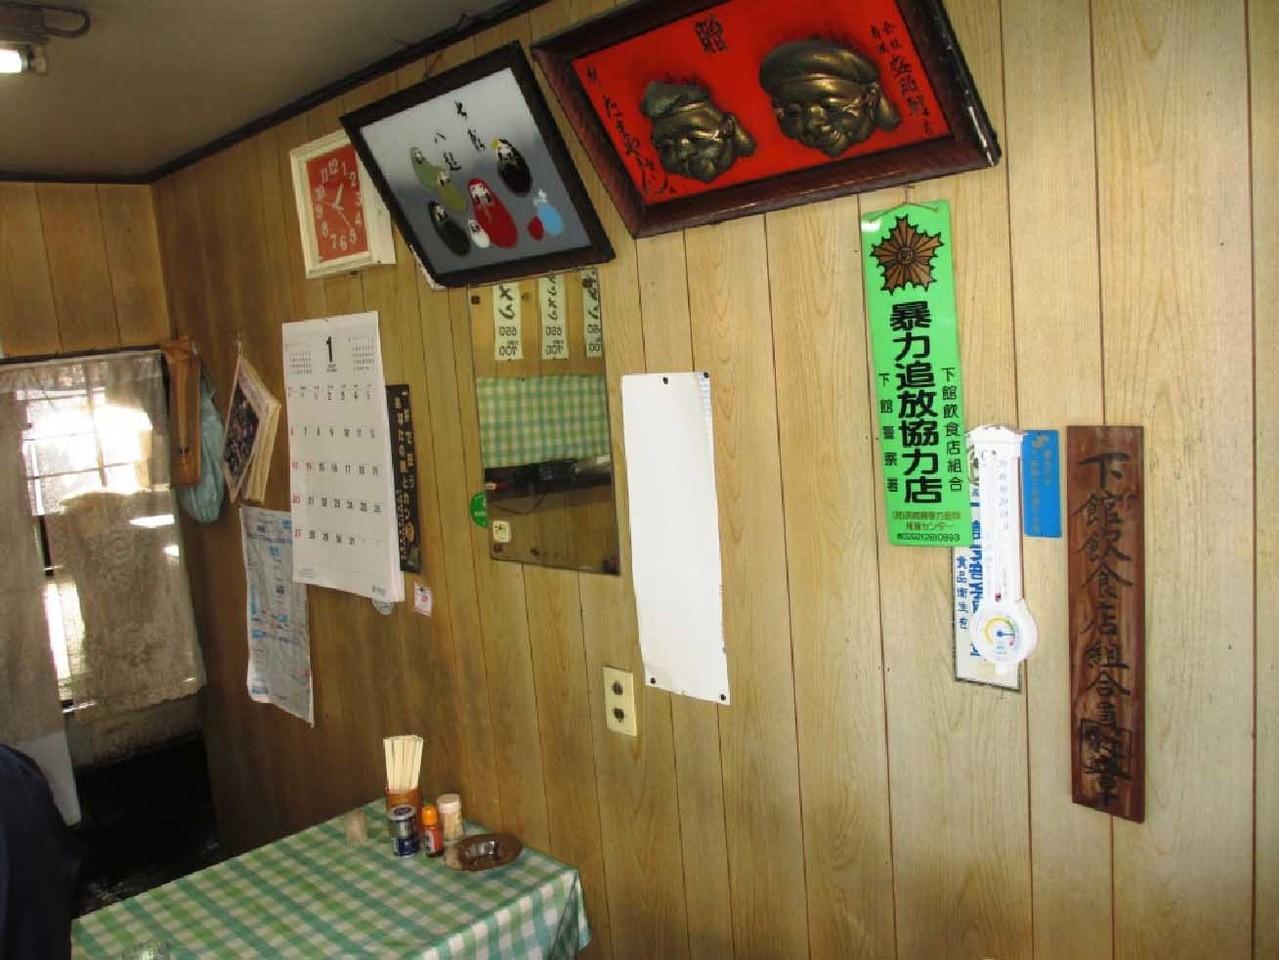 壁にはこれまた下館ラーメンの老舗「盛昭軒」よりいただいたお面が飾られている